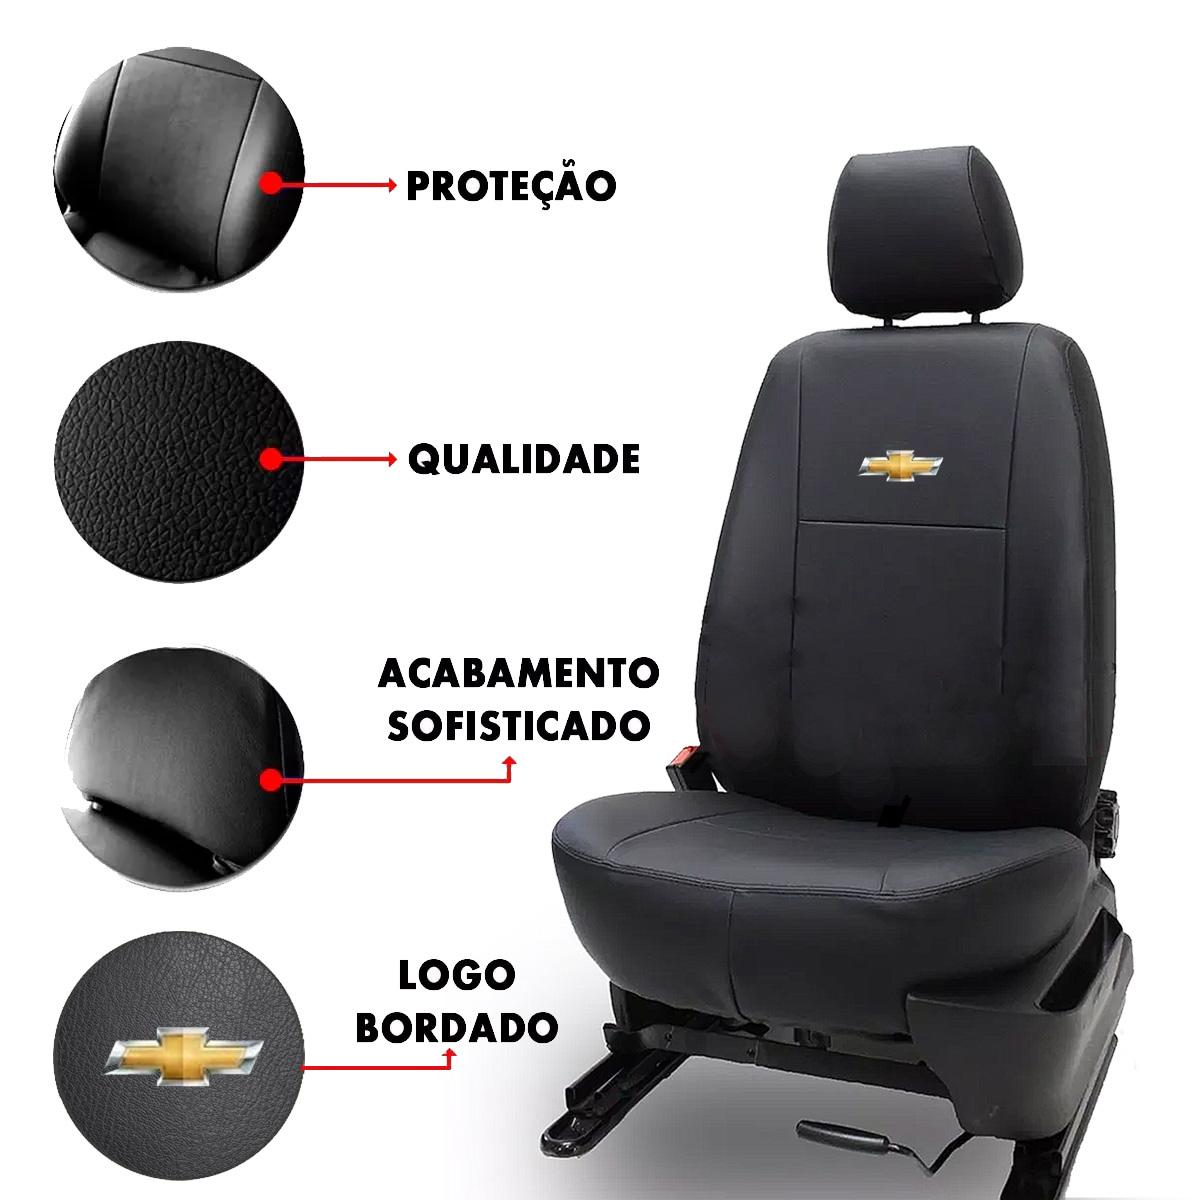 Capa de Banco Chevrolet Couro + Jogo de Tapete Borracha Logo Bordado Poliparts